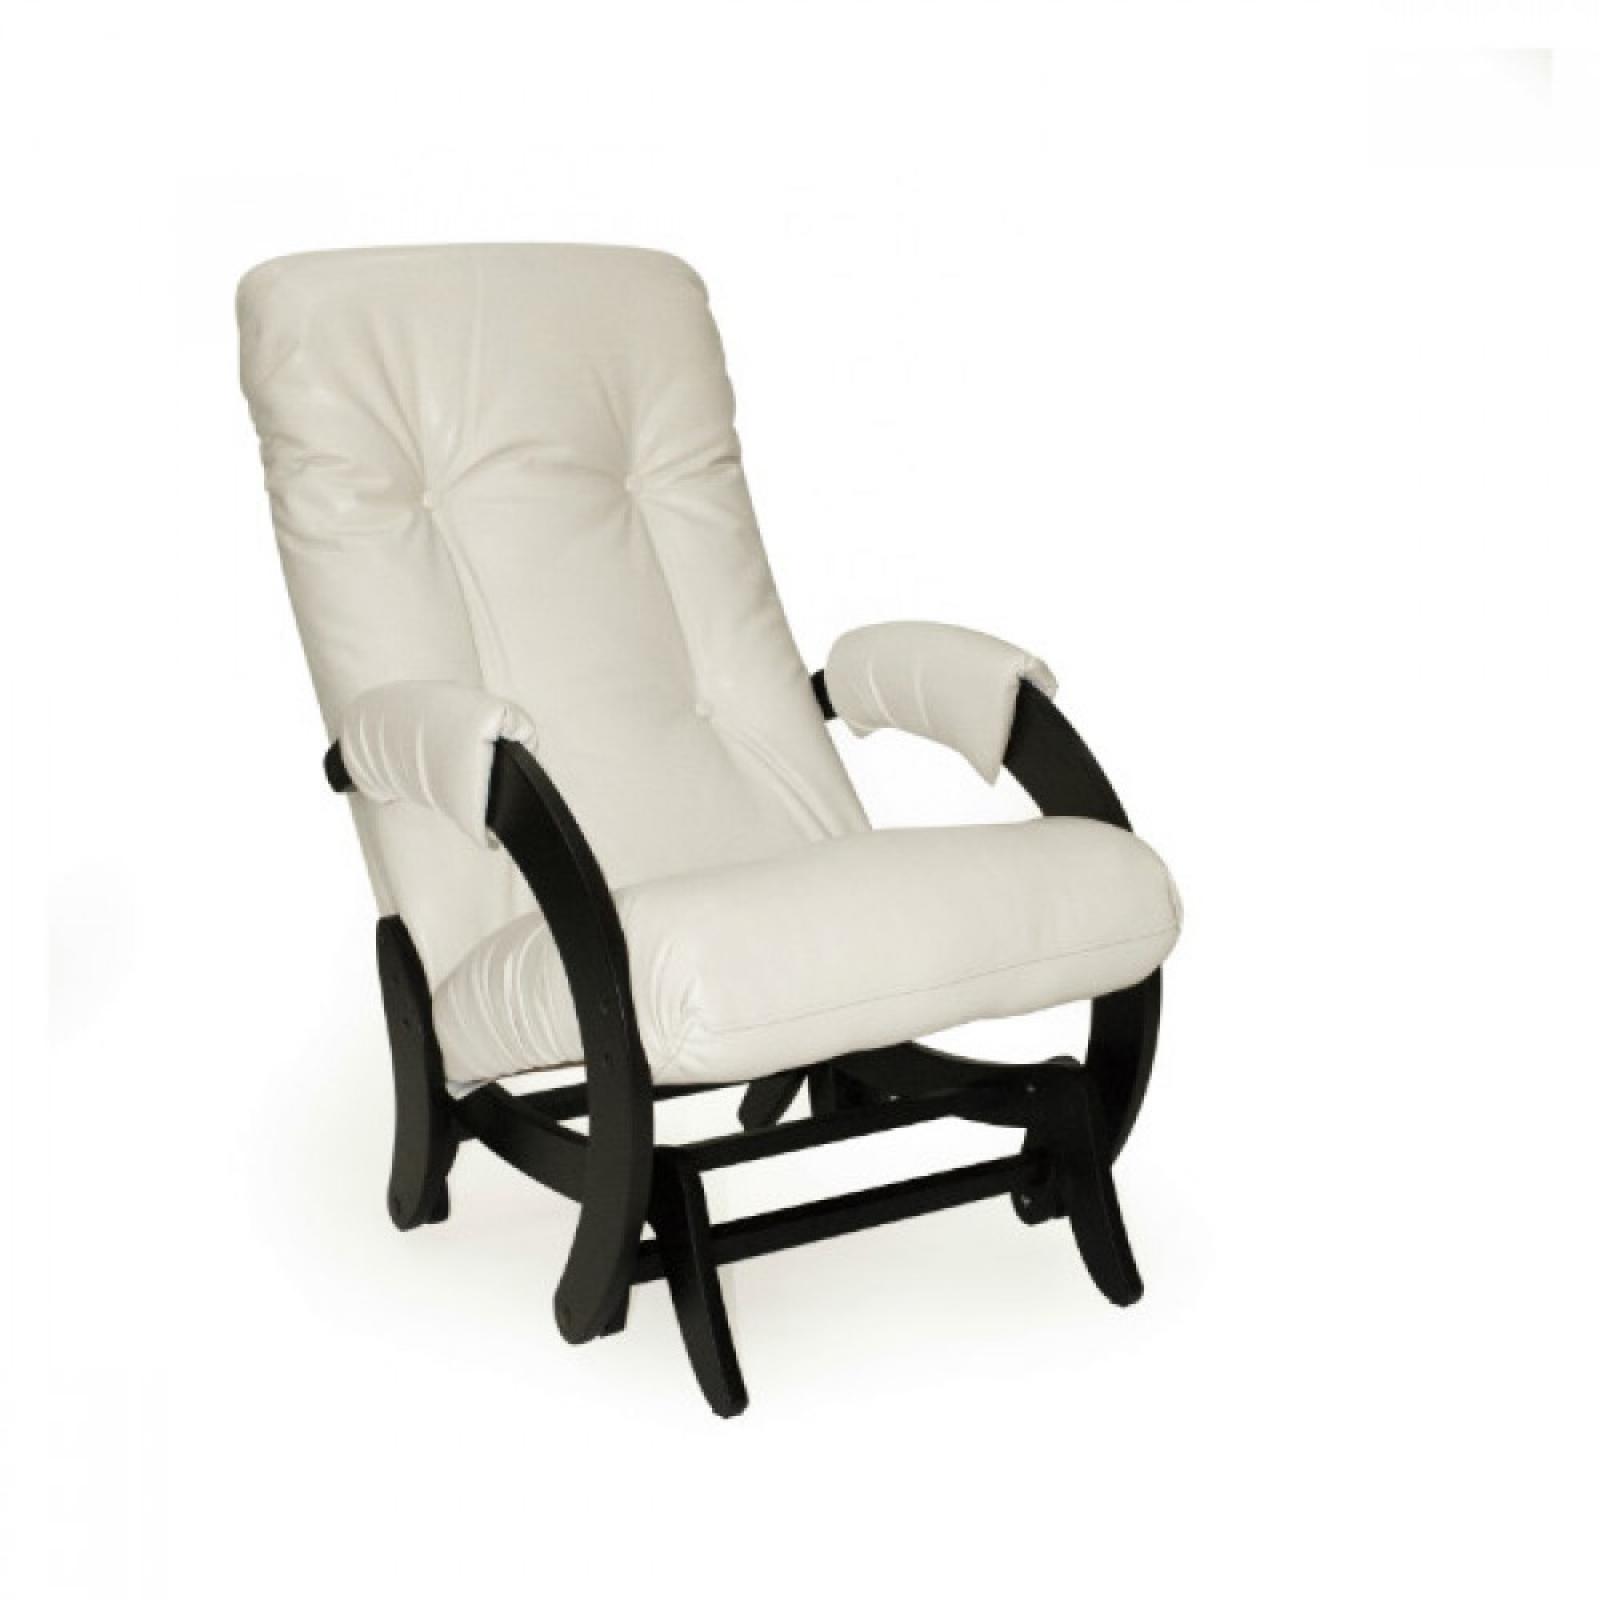 """Кресло-качалка """"Глайдер"""", Модель 68 Венге/Манго 002 - 1"""